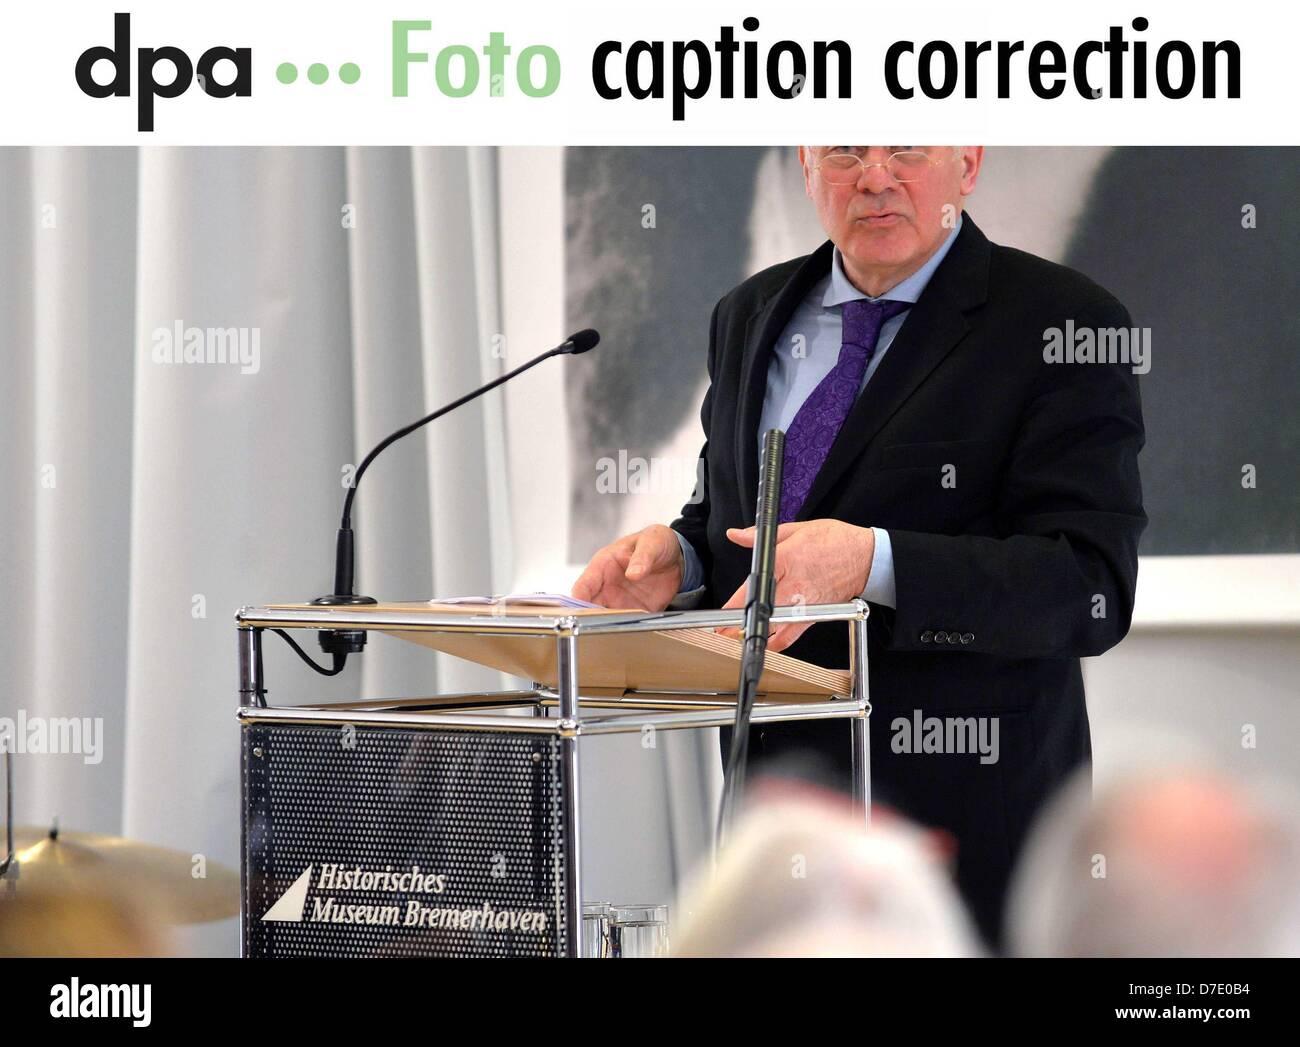 Chers clients, le prénom de la personne sur la photo a été mal orthographié. L'orthographe Photo Stock